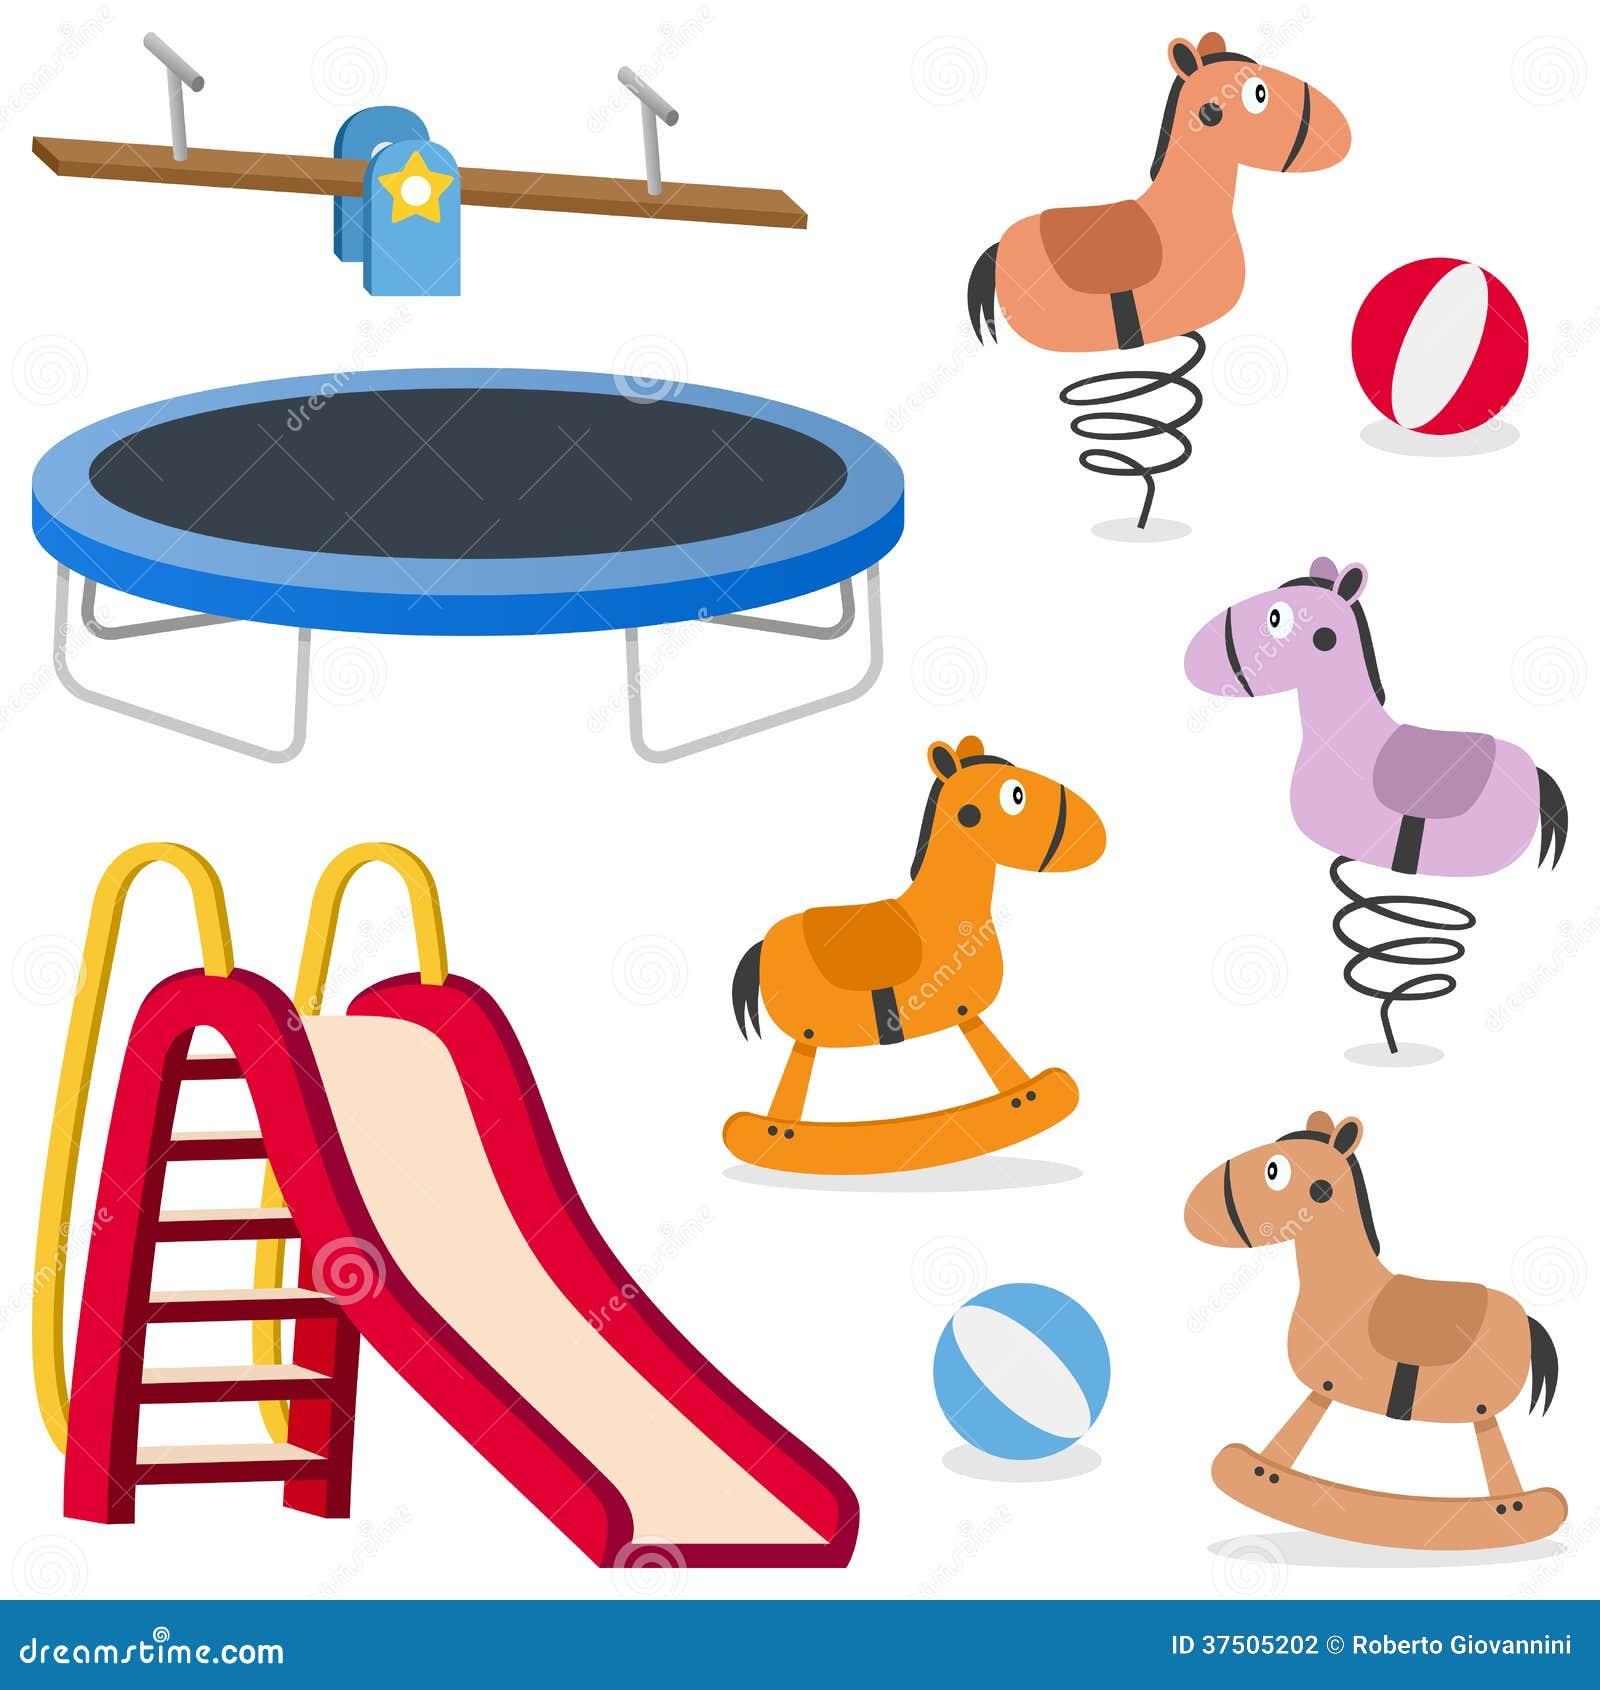 jeux au sol de r cr ation d 39 enfants r gl s photographie stock image 37505202. Black Bedroom Furniture Sets. Home Design Ideas